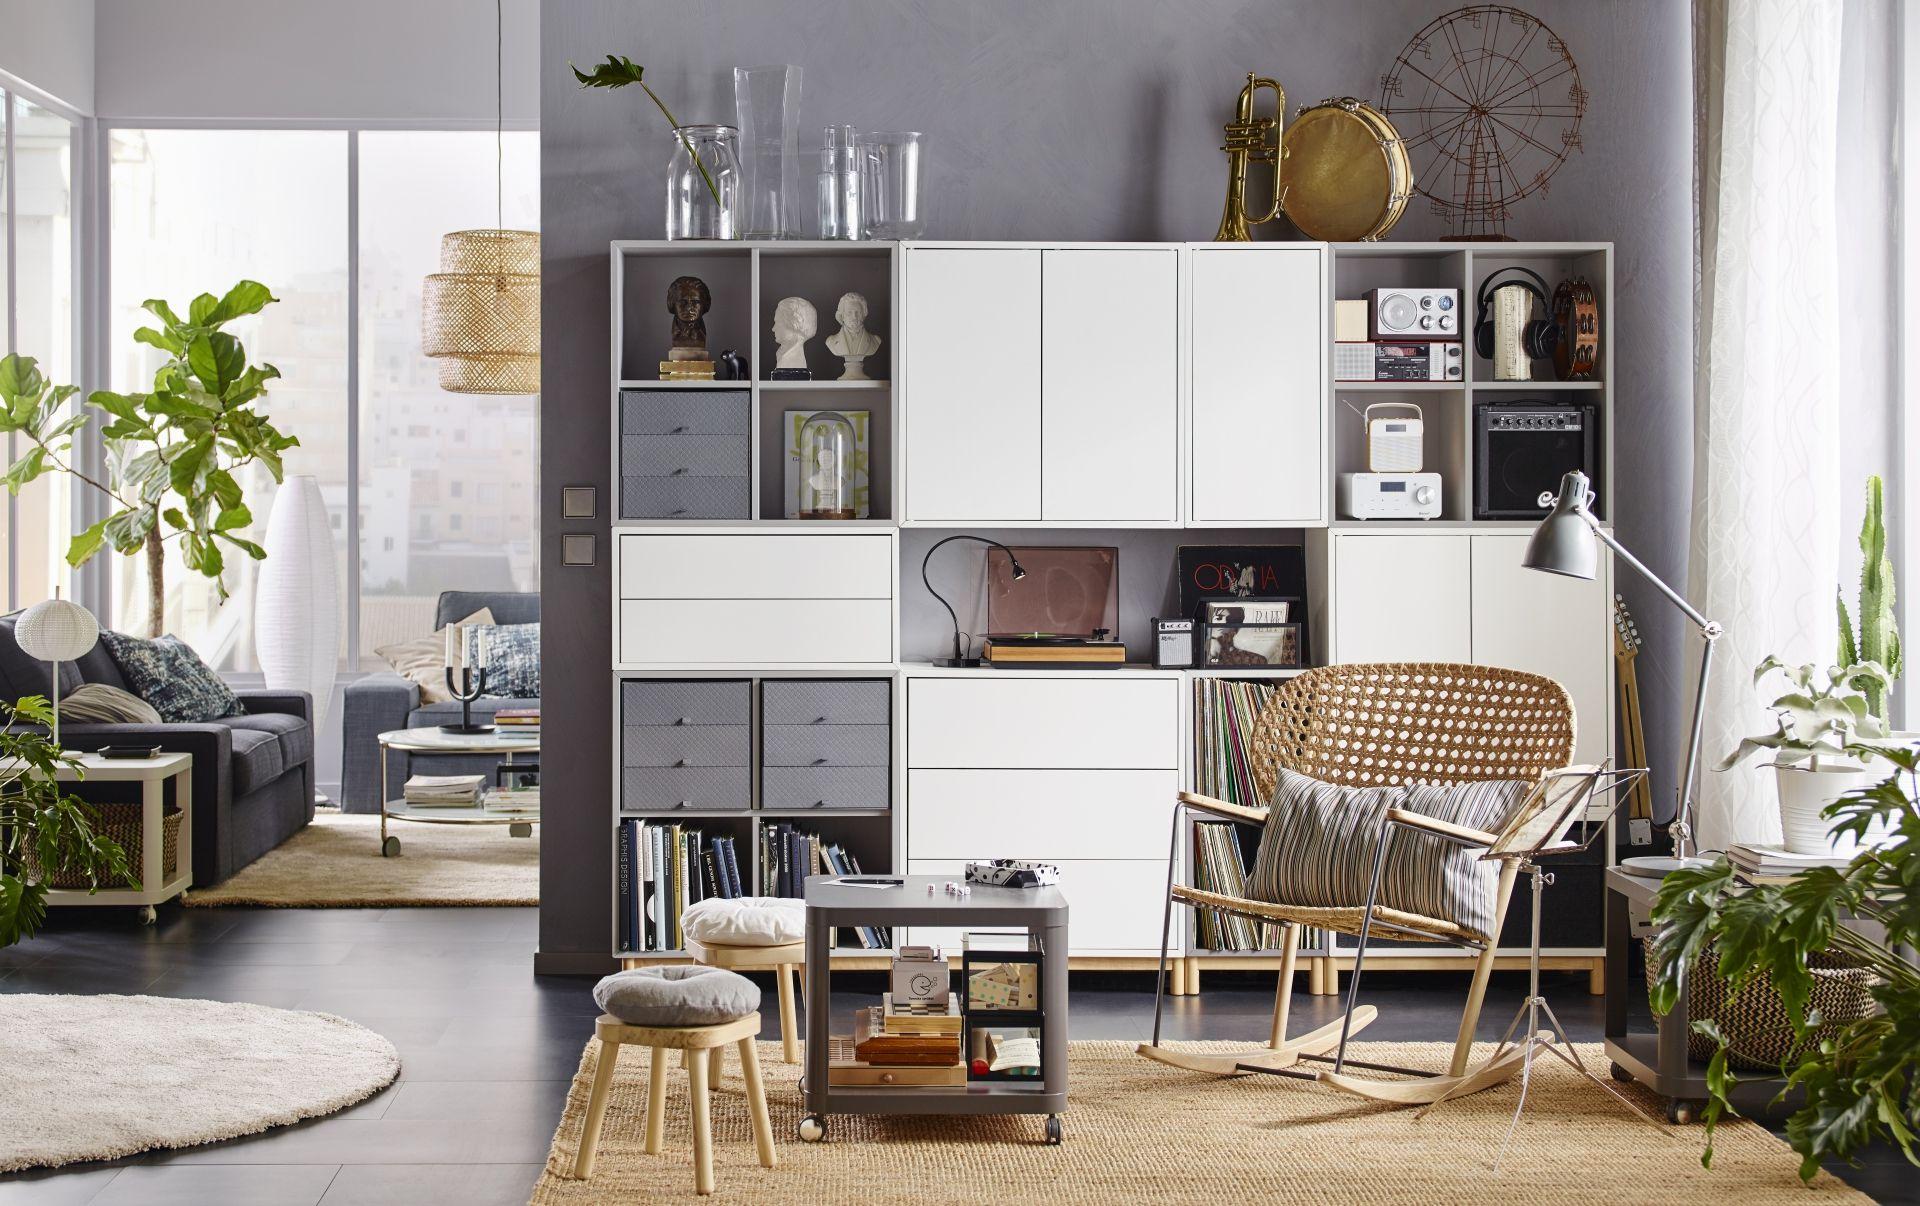 EKET kastencombinatie | IKEA IKEAnederland IKEAnl opbergen woonkamer ...